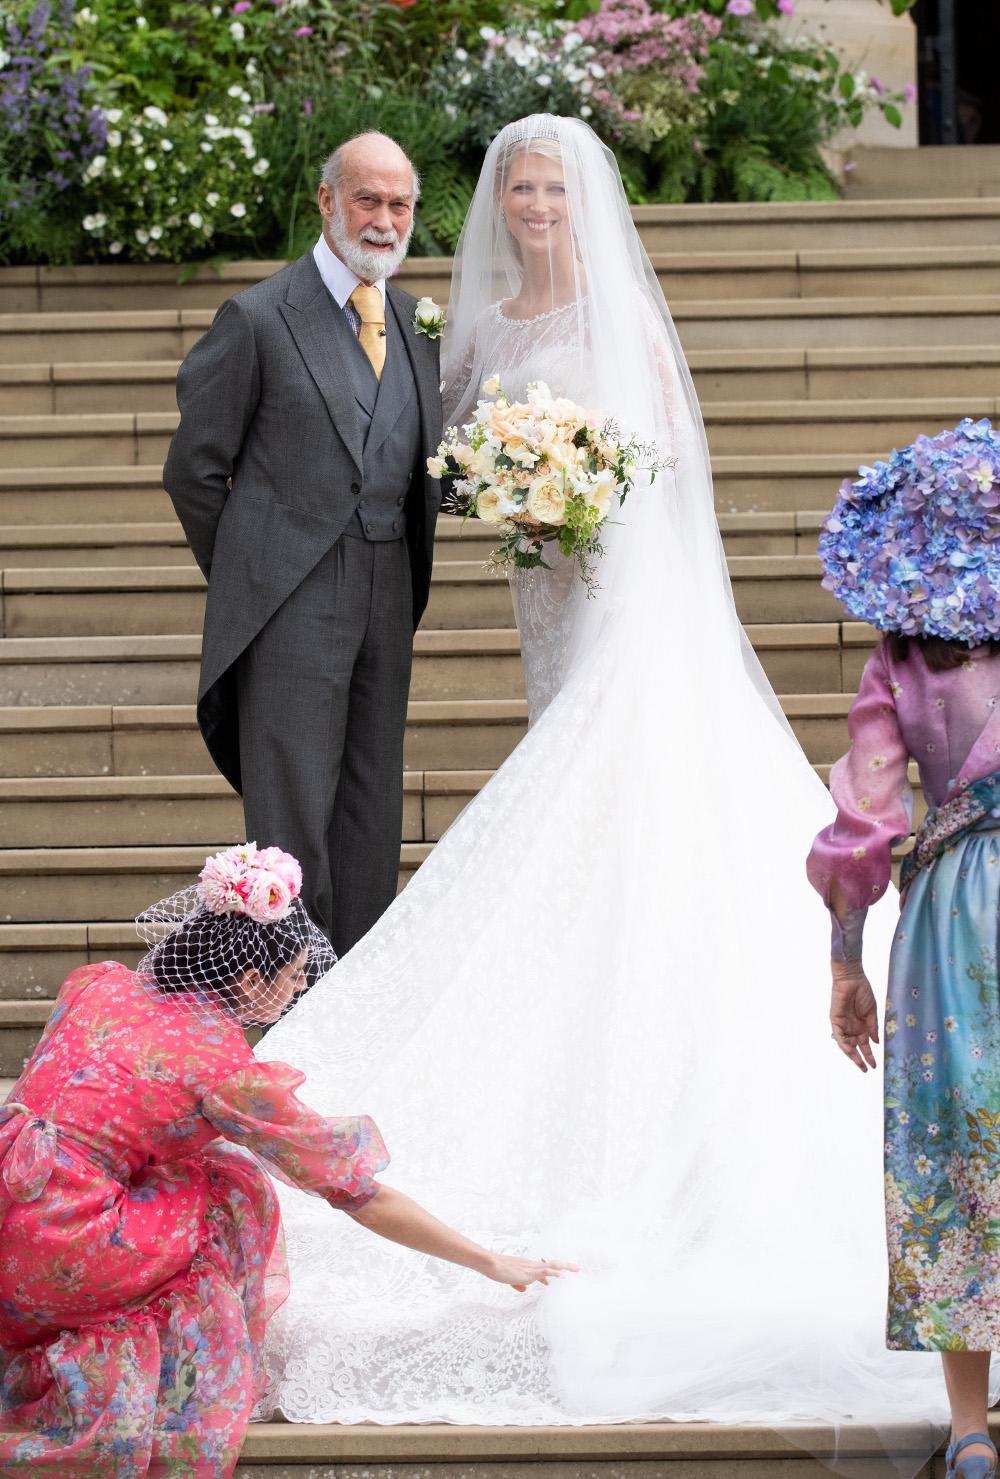 Η νύφη με τον πατέρα της, πρίγκιπα Μάικλ του Κεντ